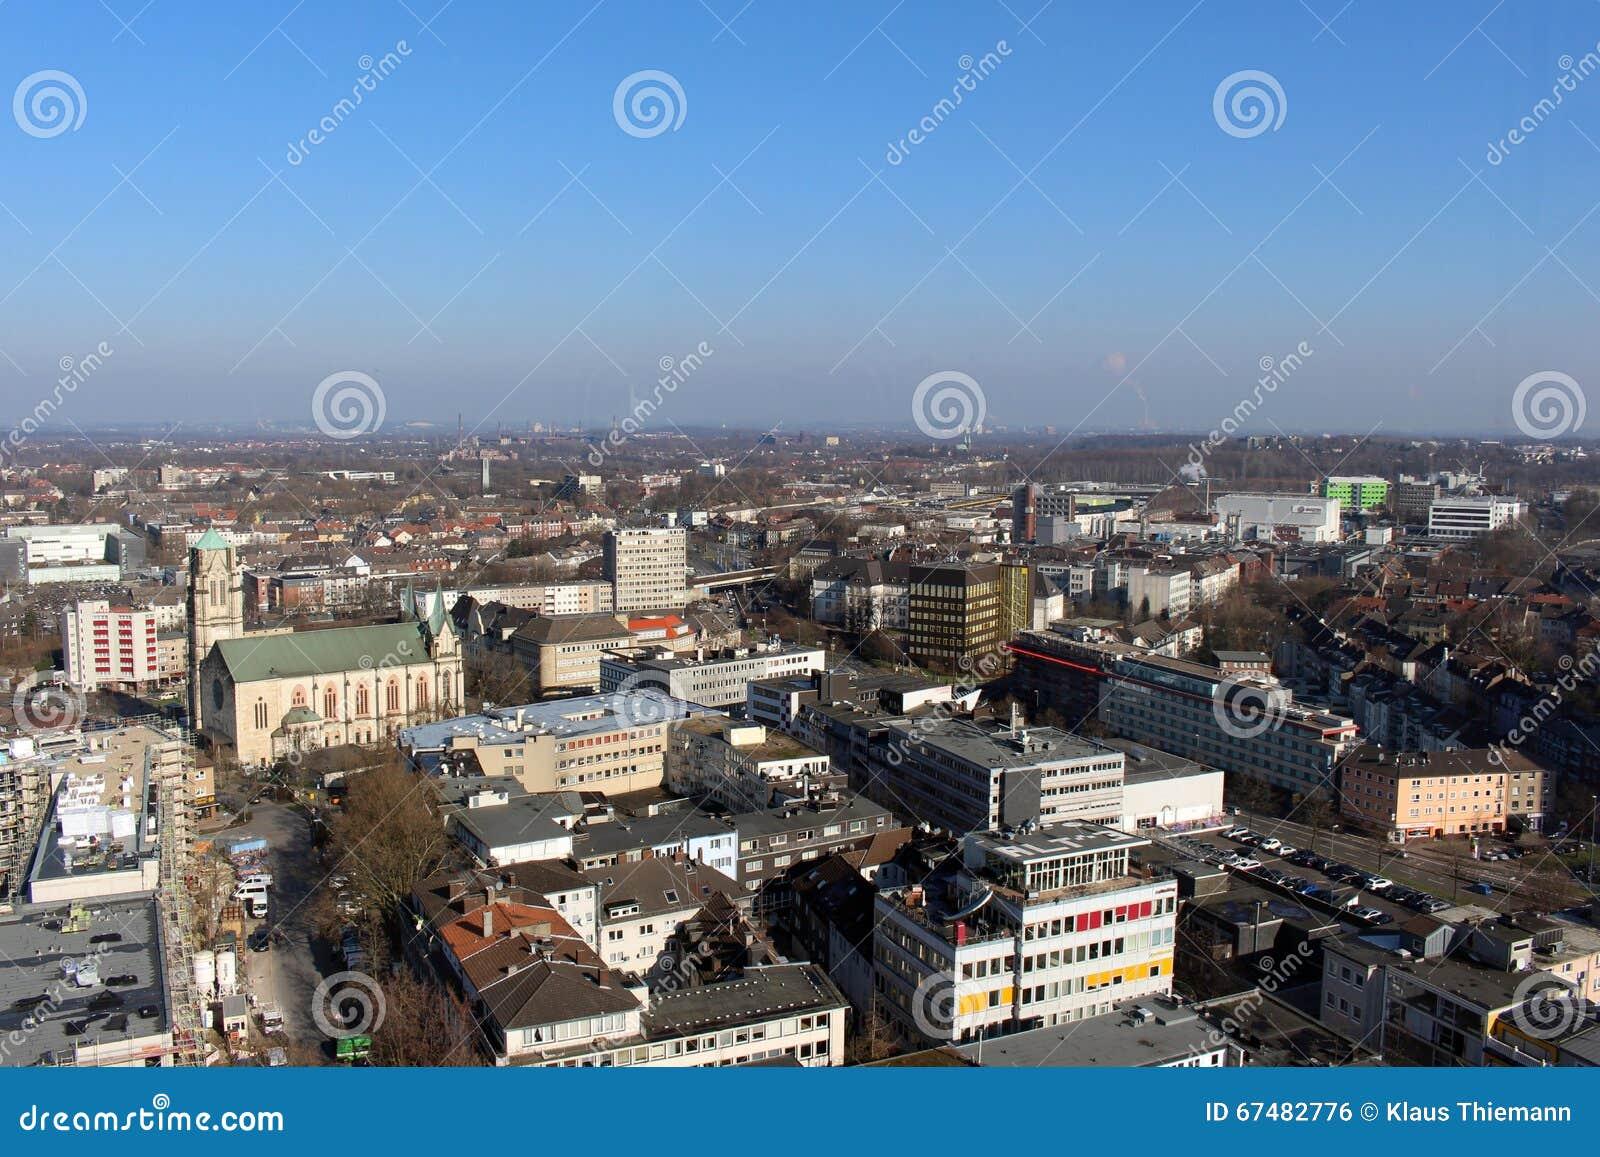 Die Skyline von Essen (Deutschland)